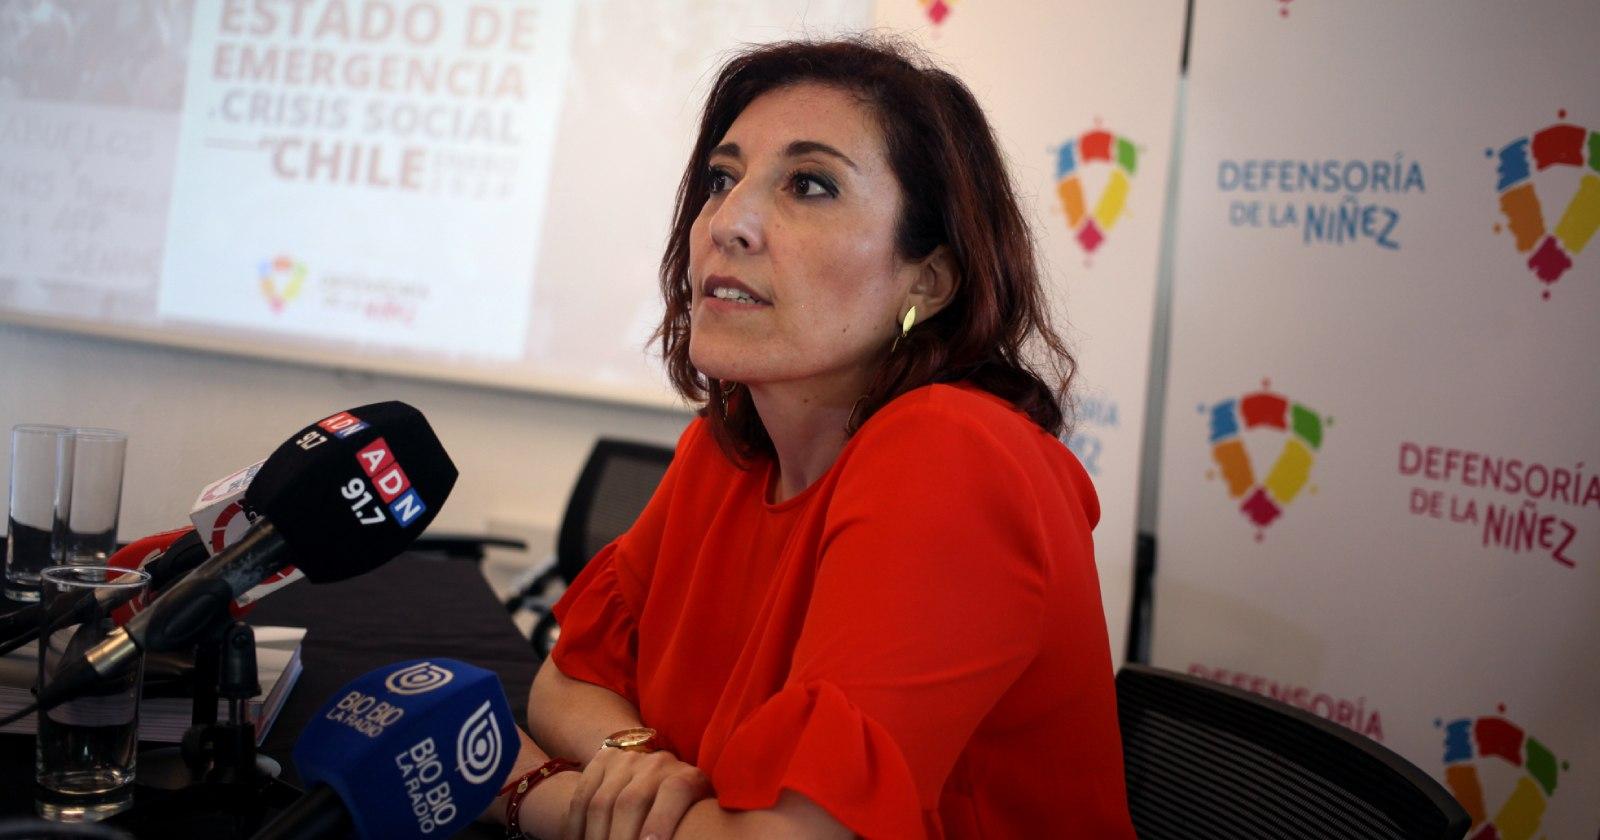 Corte declara inadmisible recurso de Defensoría de la Niñez contra acuerdo ANI-Sename